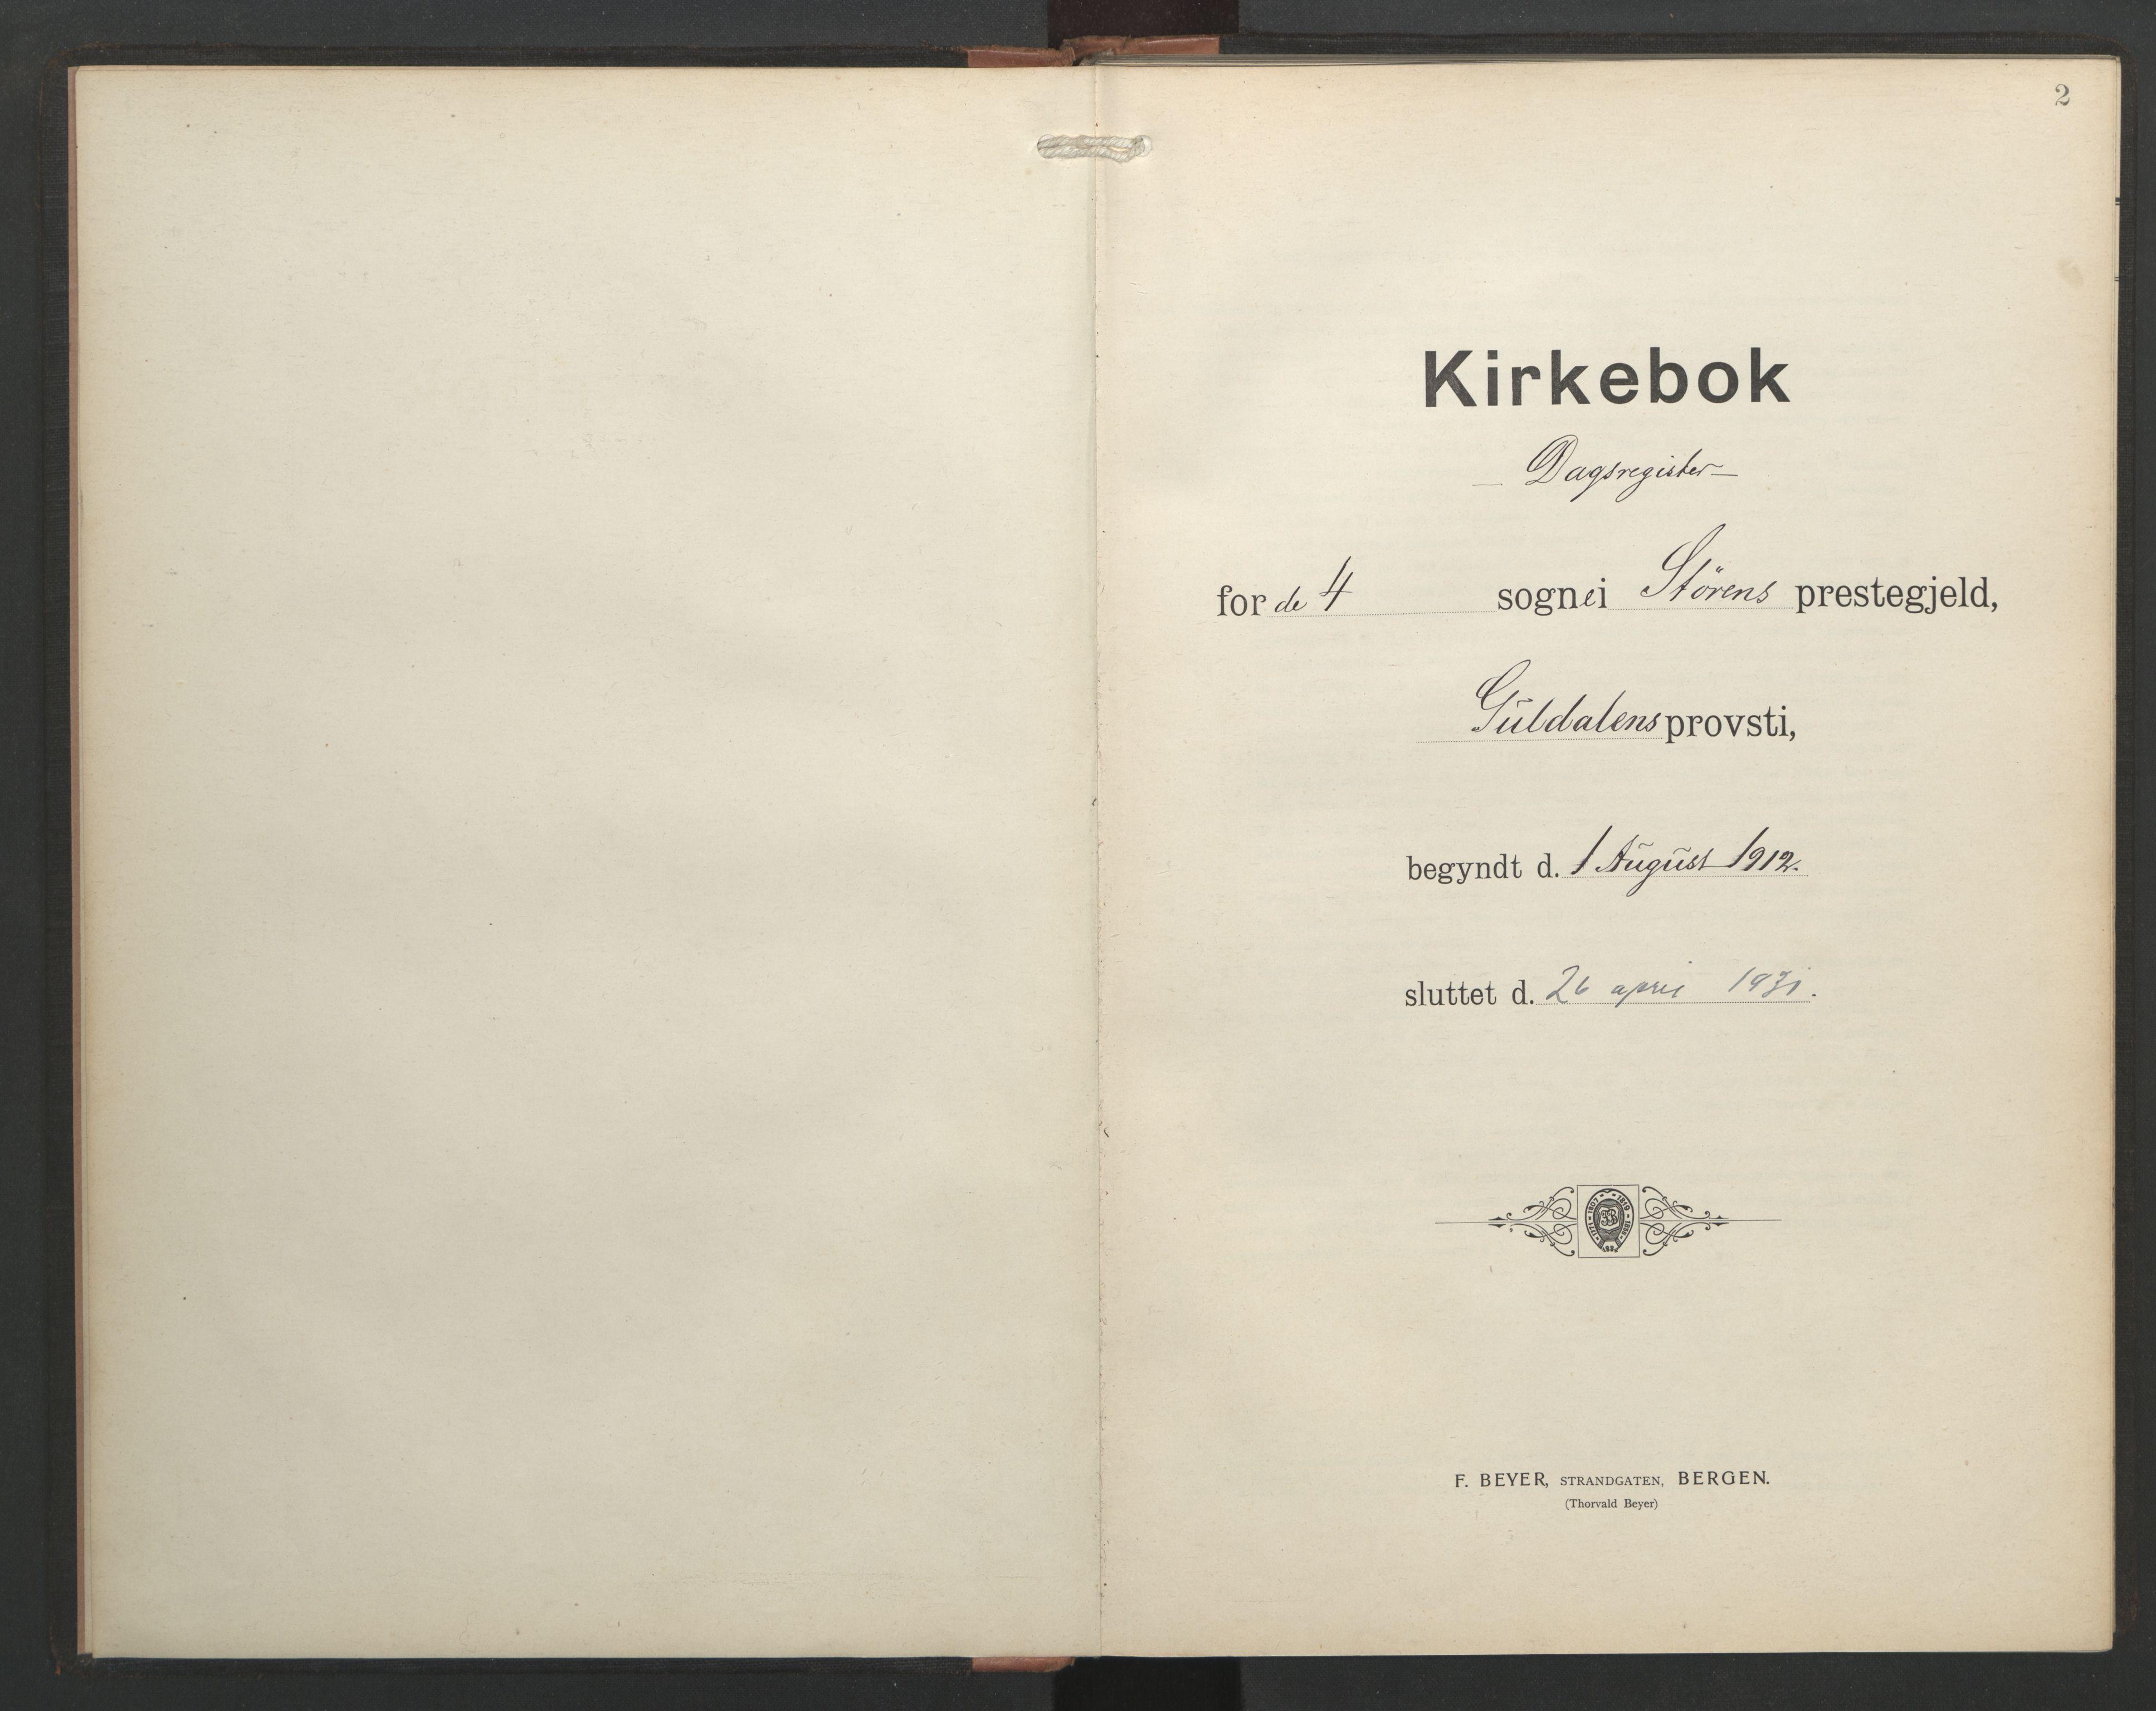 SAT, Ministerialprotokoller, klokkerbøker og fødselsregistre - Sør-Trøndelag, 687/L1006: Dagregister nr. 687A12, 1912-1931, s. 2